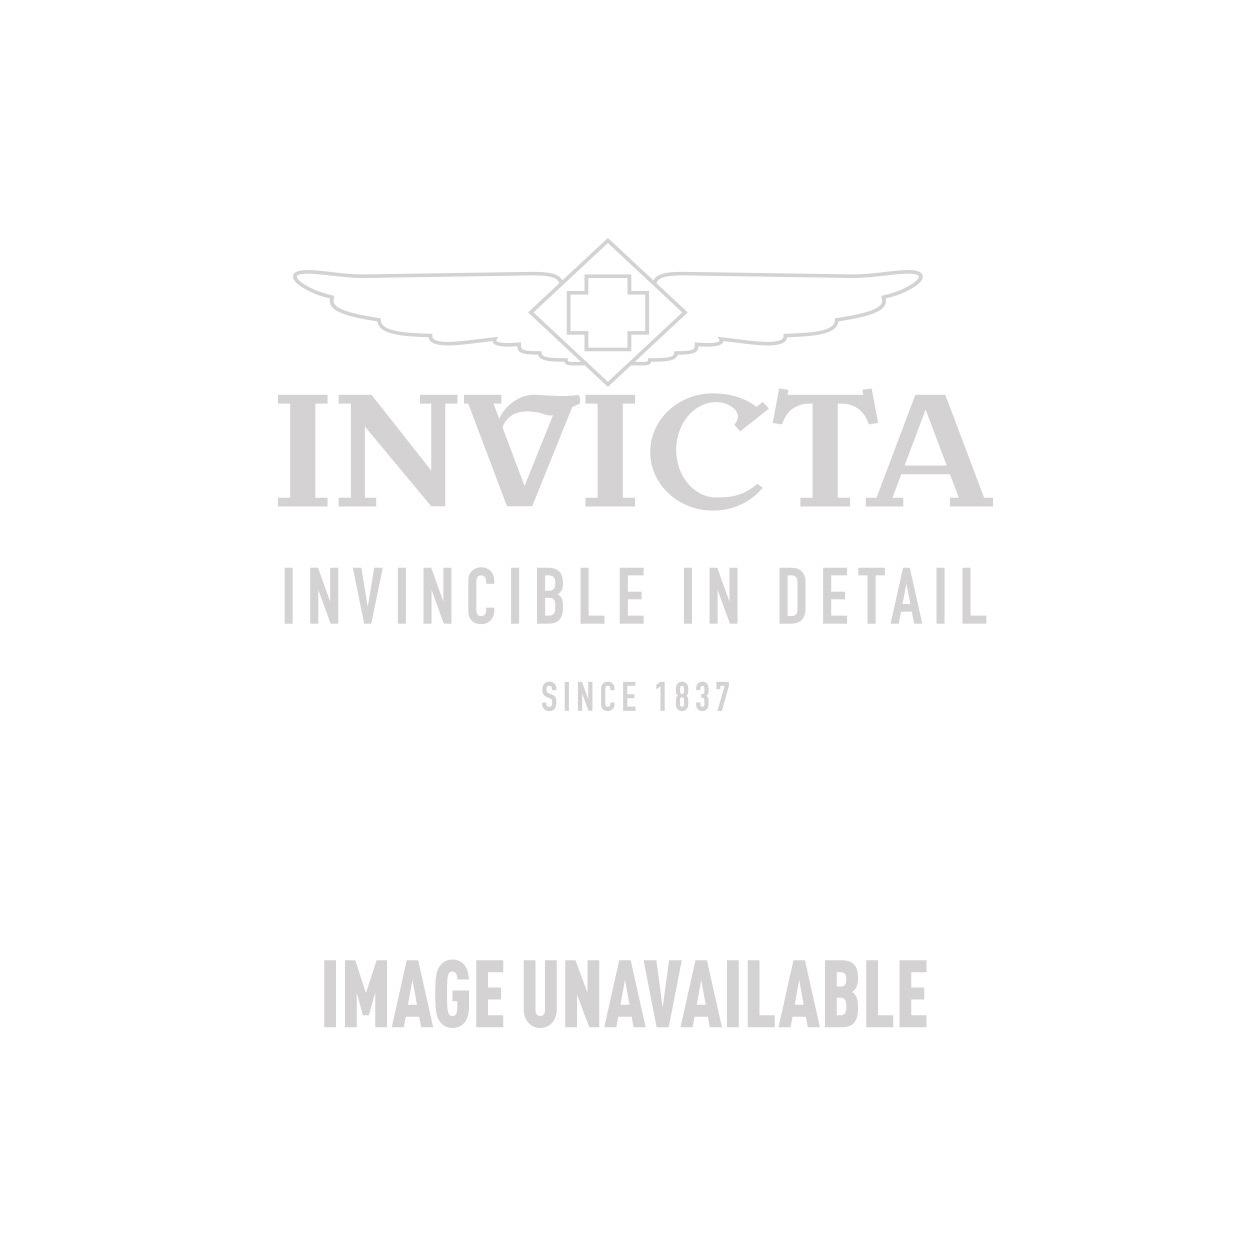 Invicta Model 27504